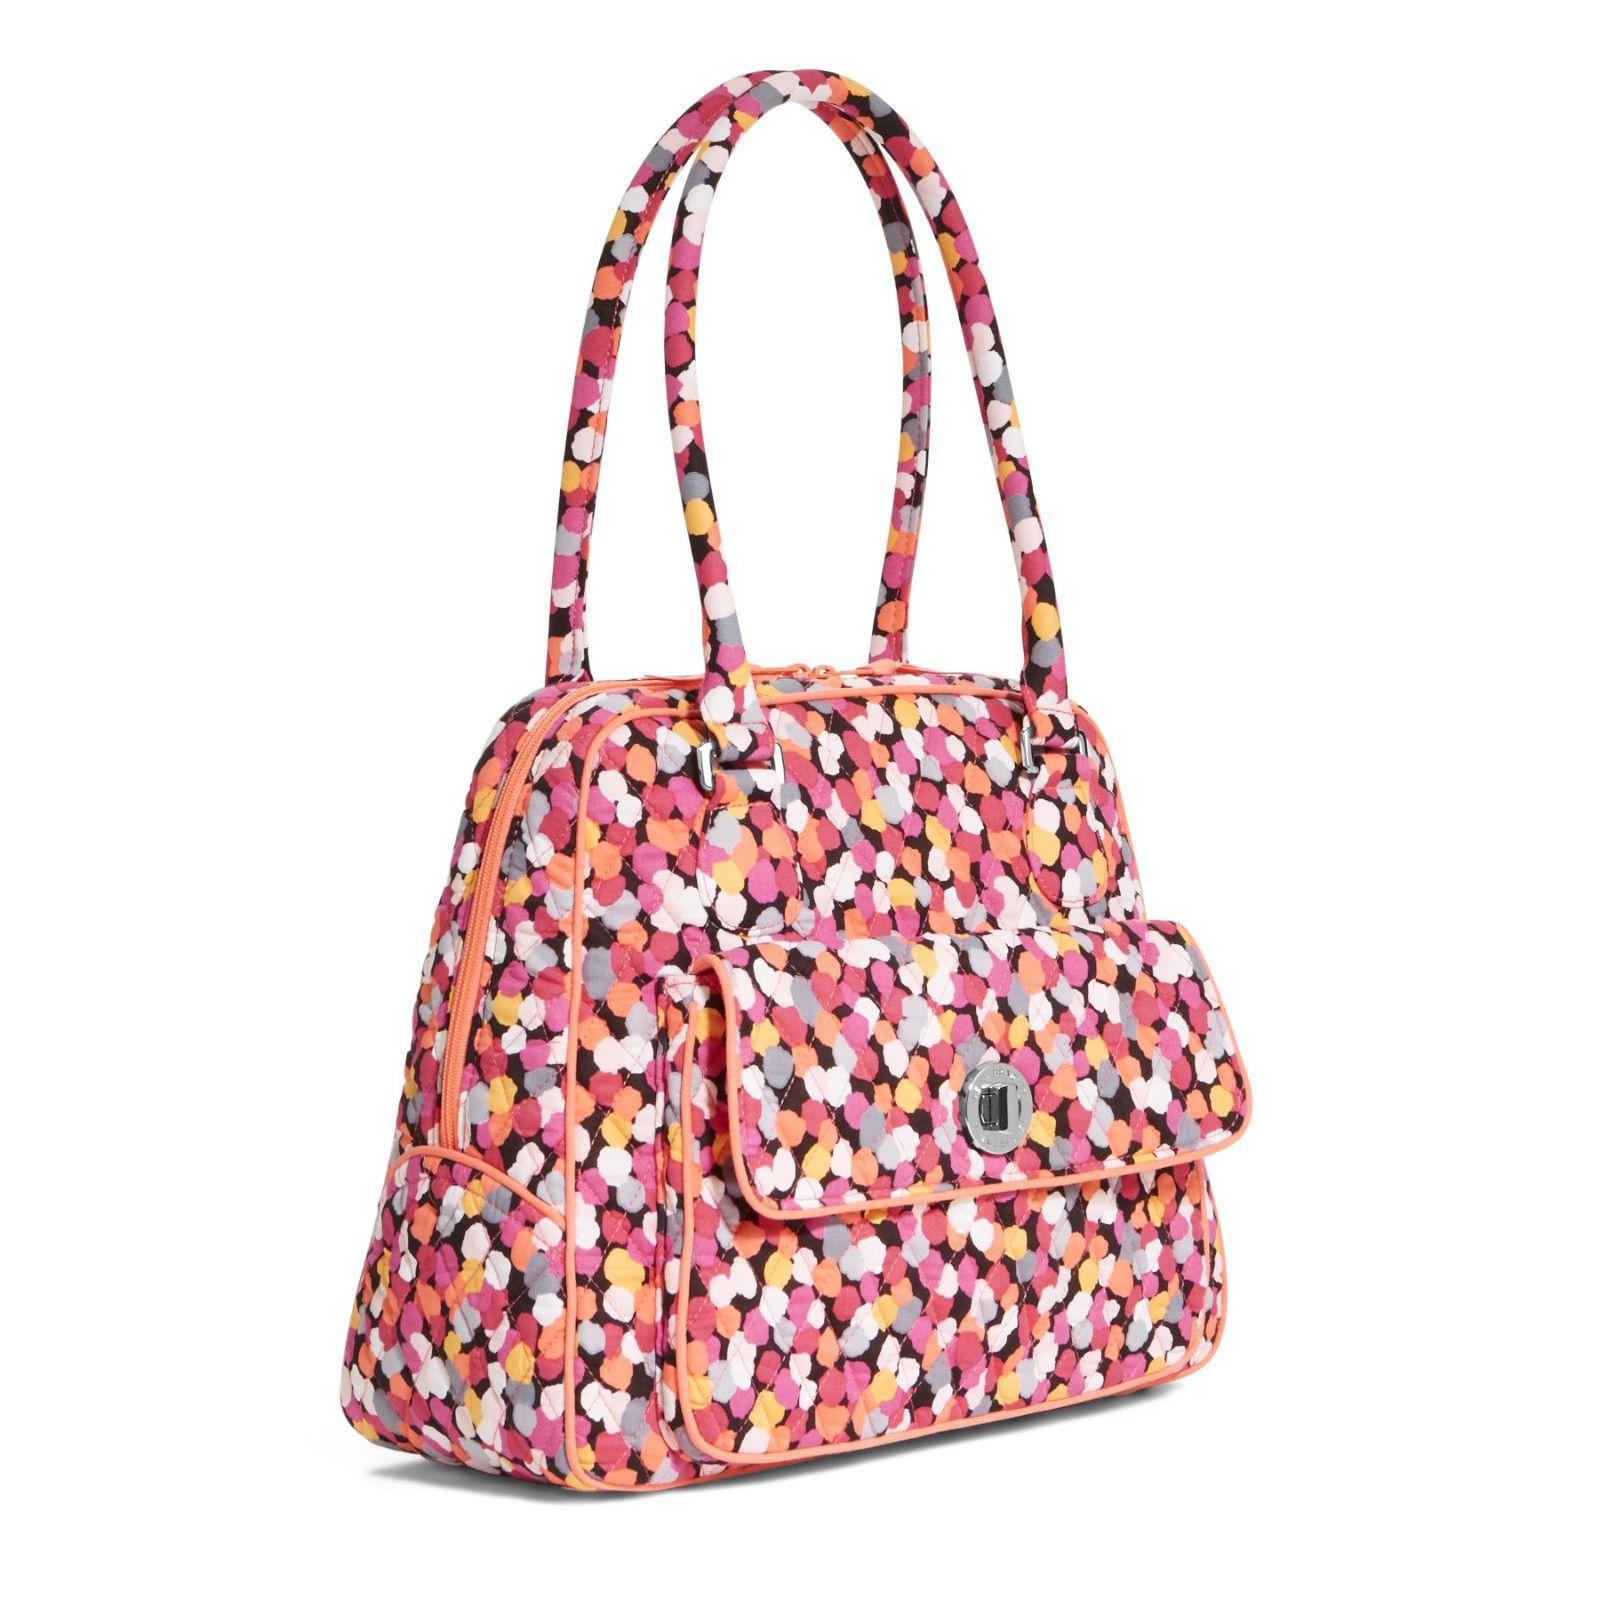 15663e863a Vera Bradley Pixie Confetti Turnlock Satchel Purse Bag NWT Satin Interior   82